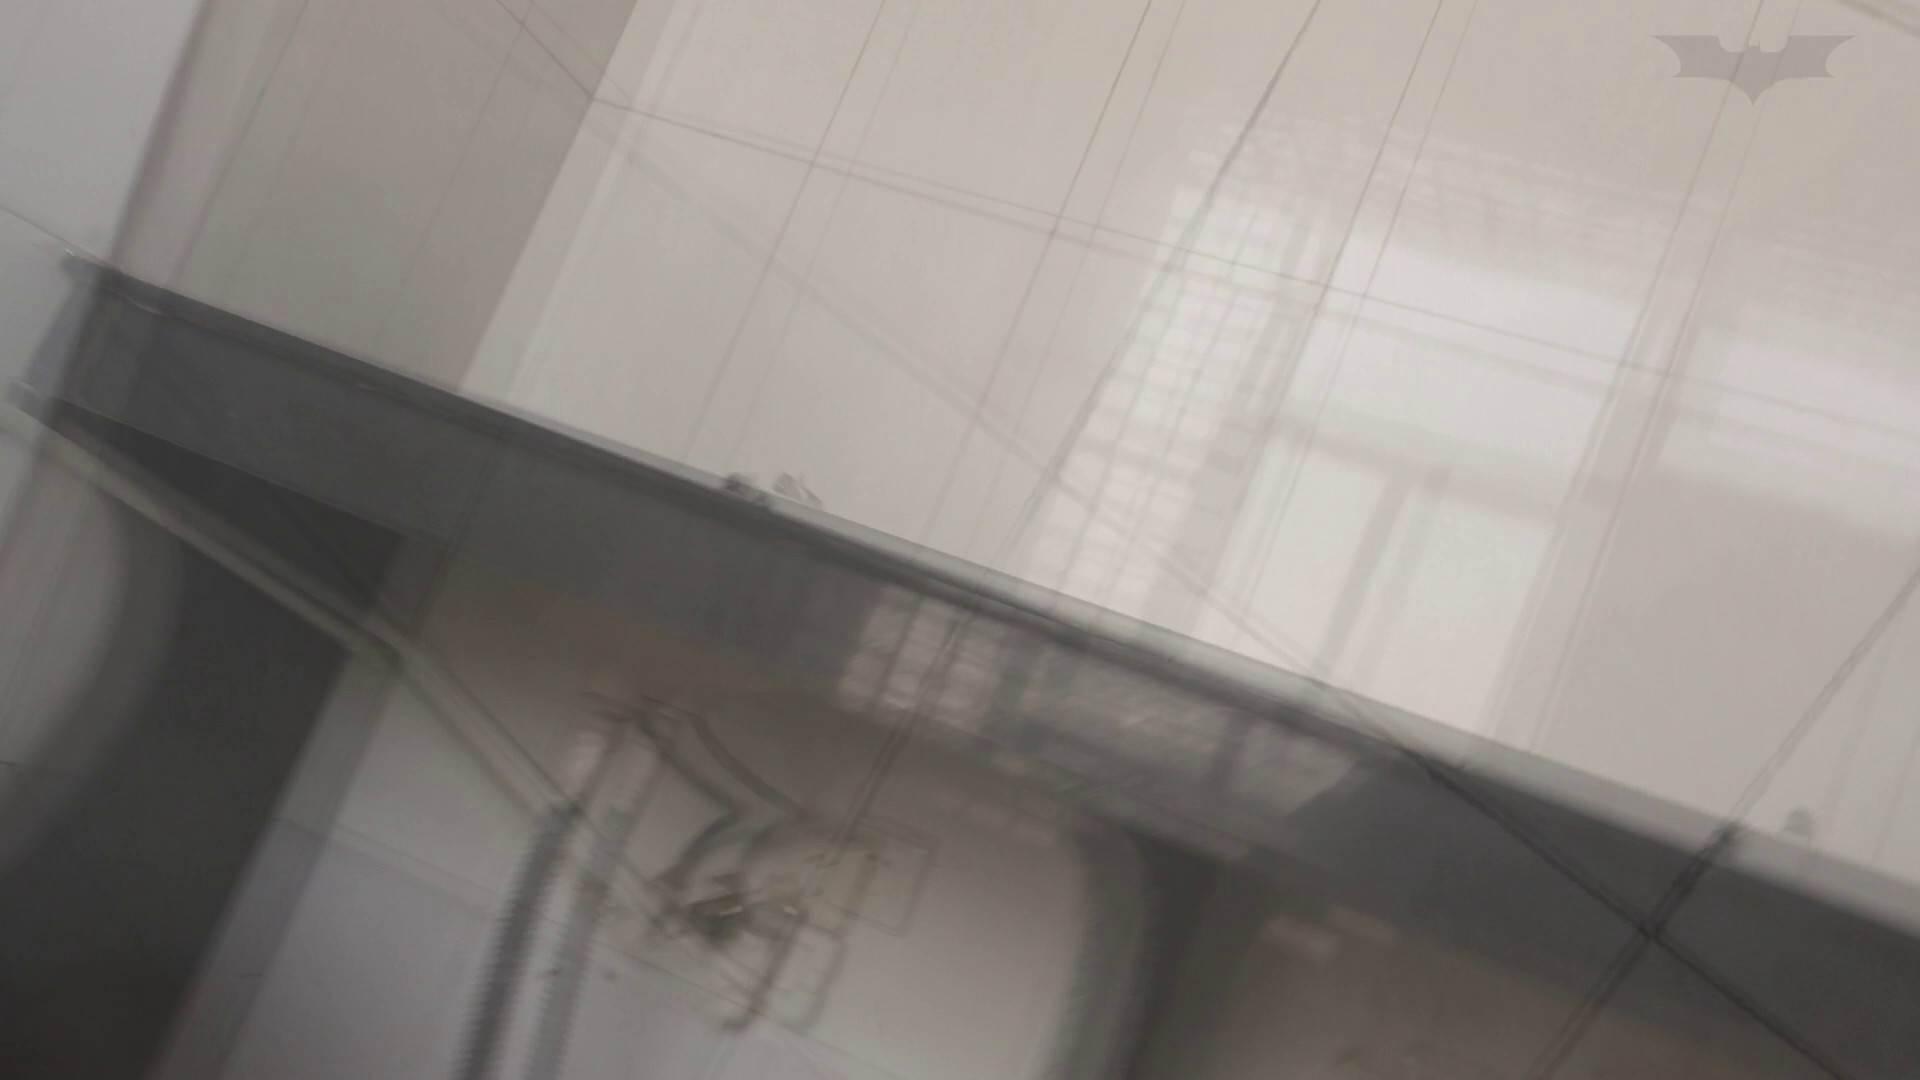 芸術大学ガチ潜入盗撮 JD盗撮 美女の洗面所の秘密 Vol.91 盗撮 | 高画質  97画像 70